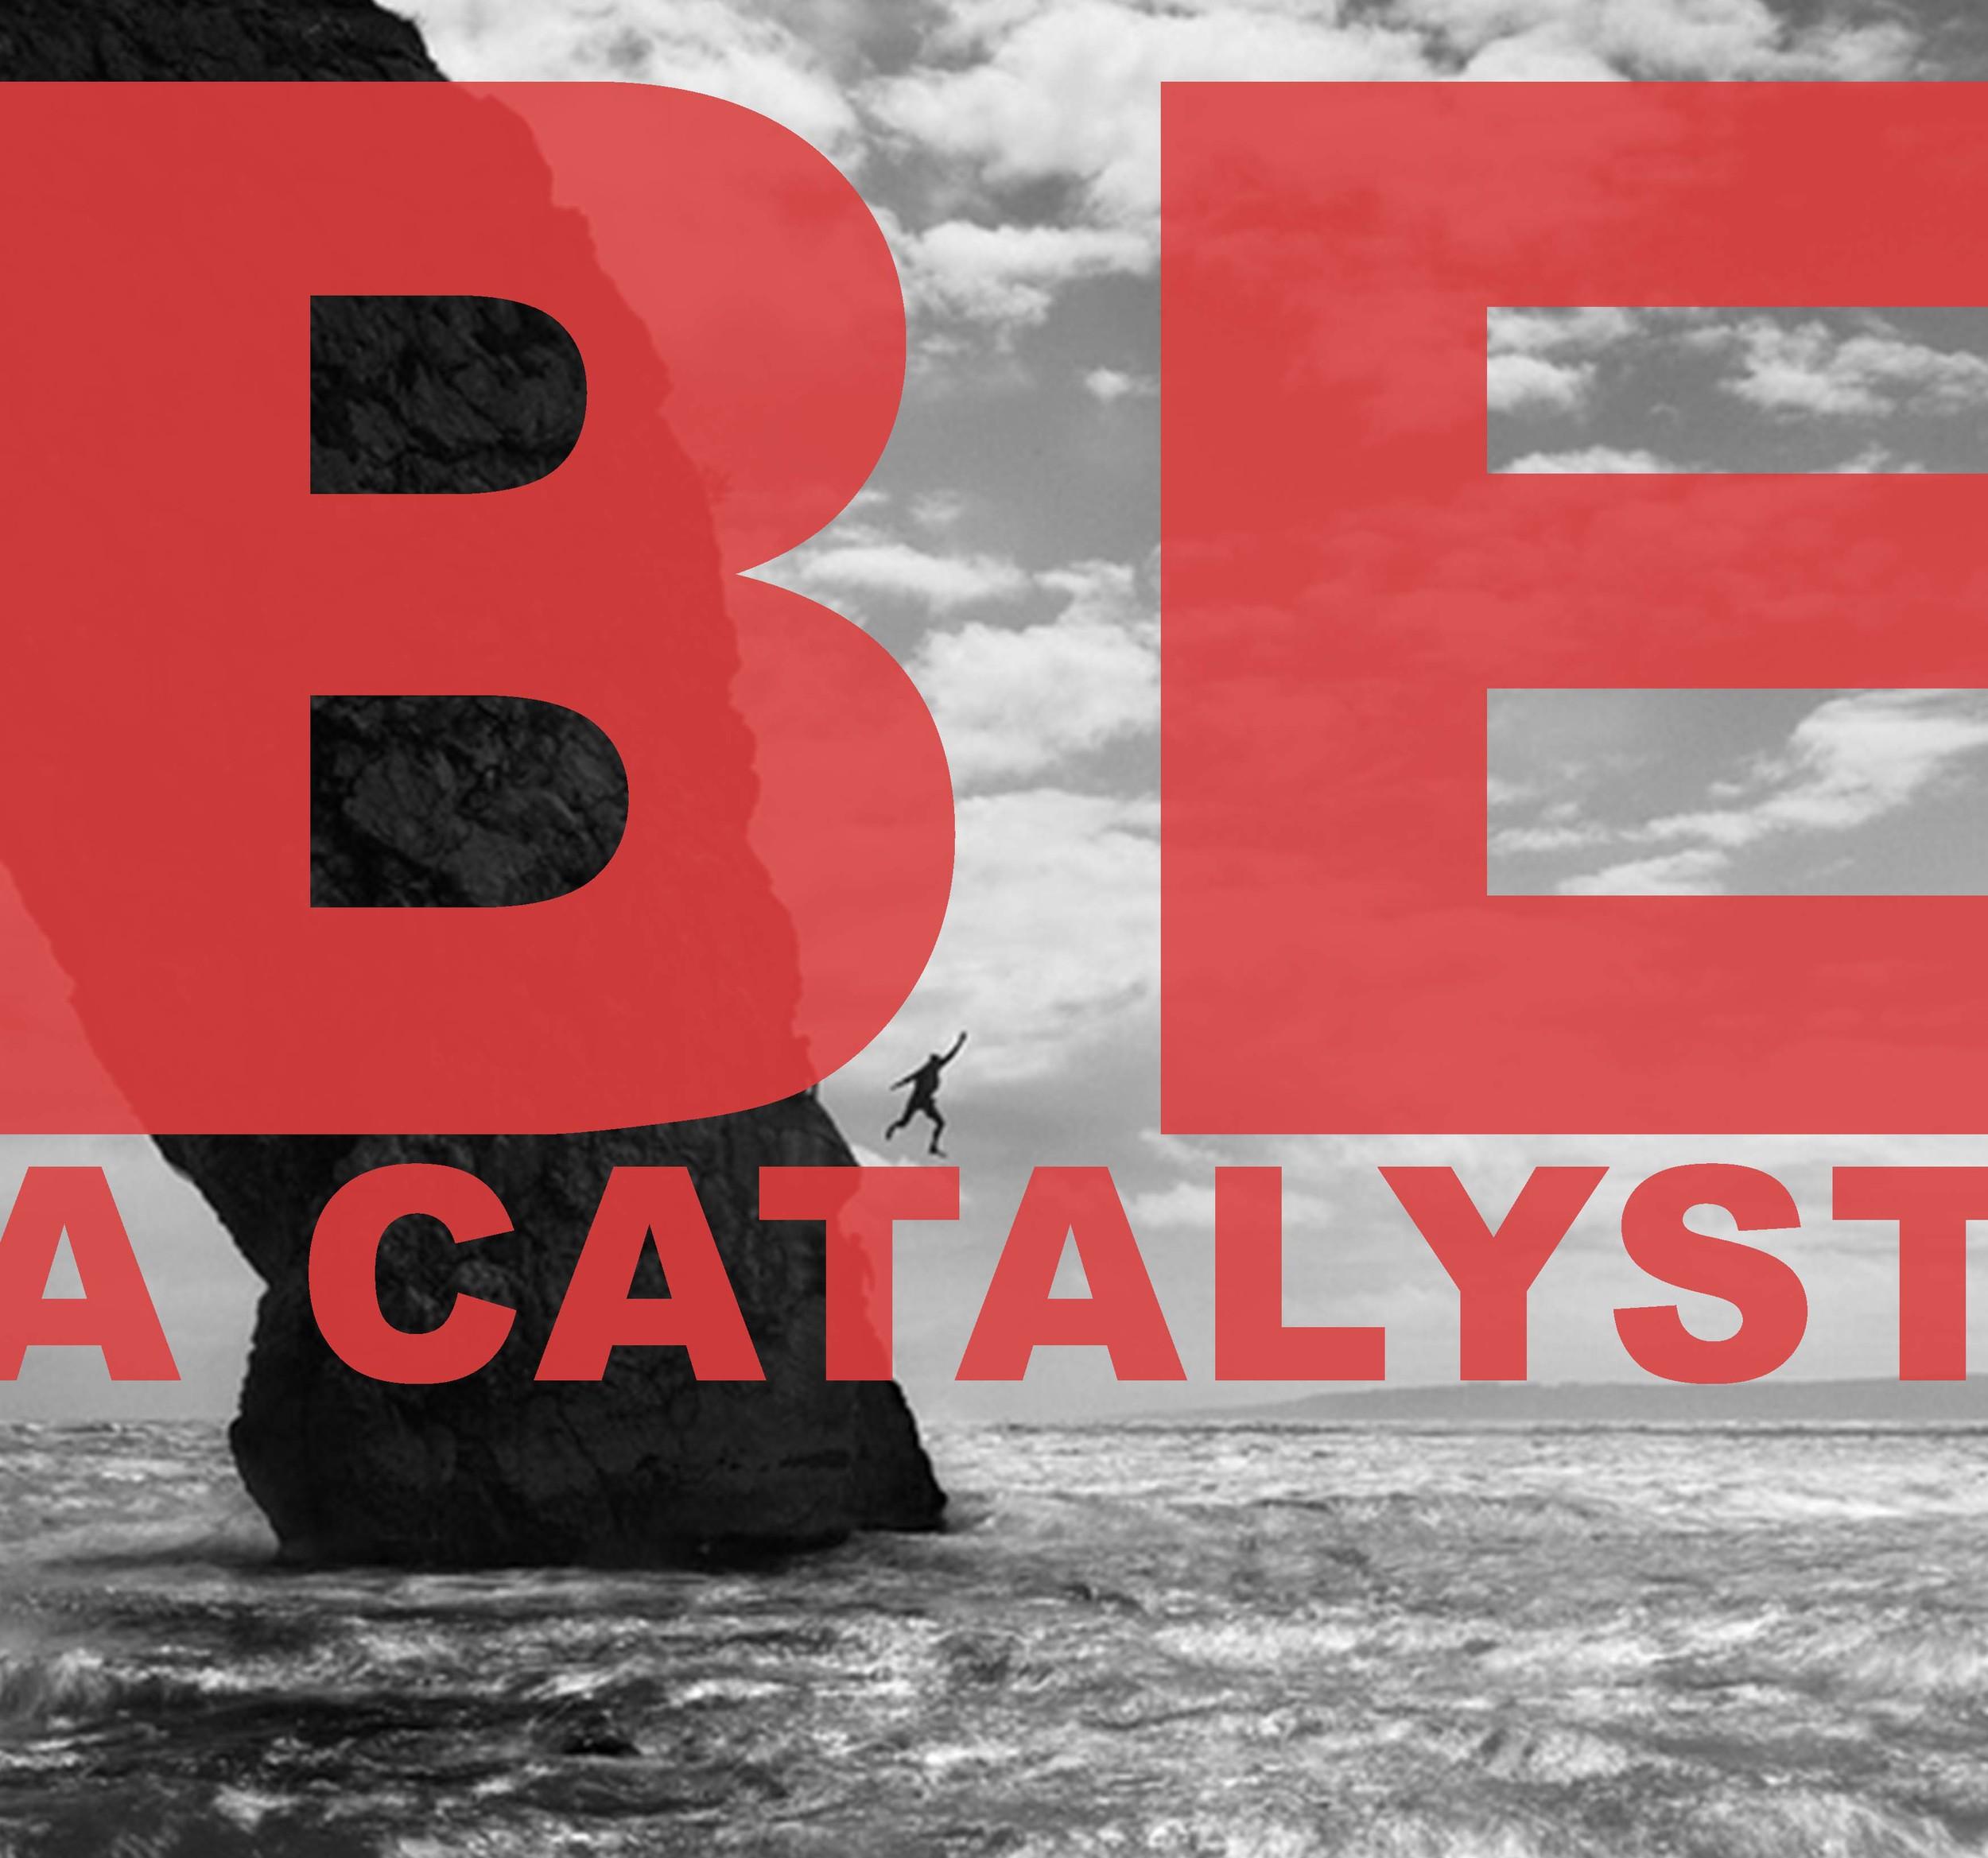 BE A CATALYST sept 2014 plain.jpg